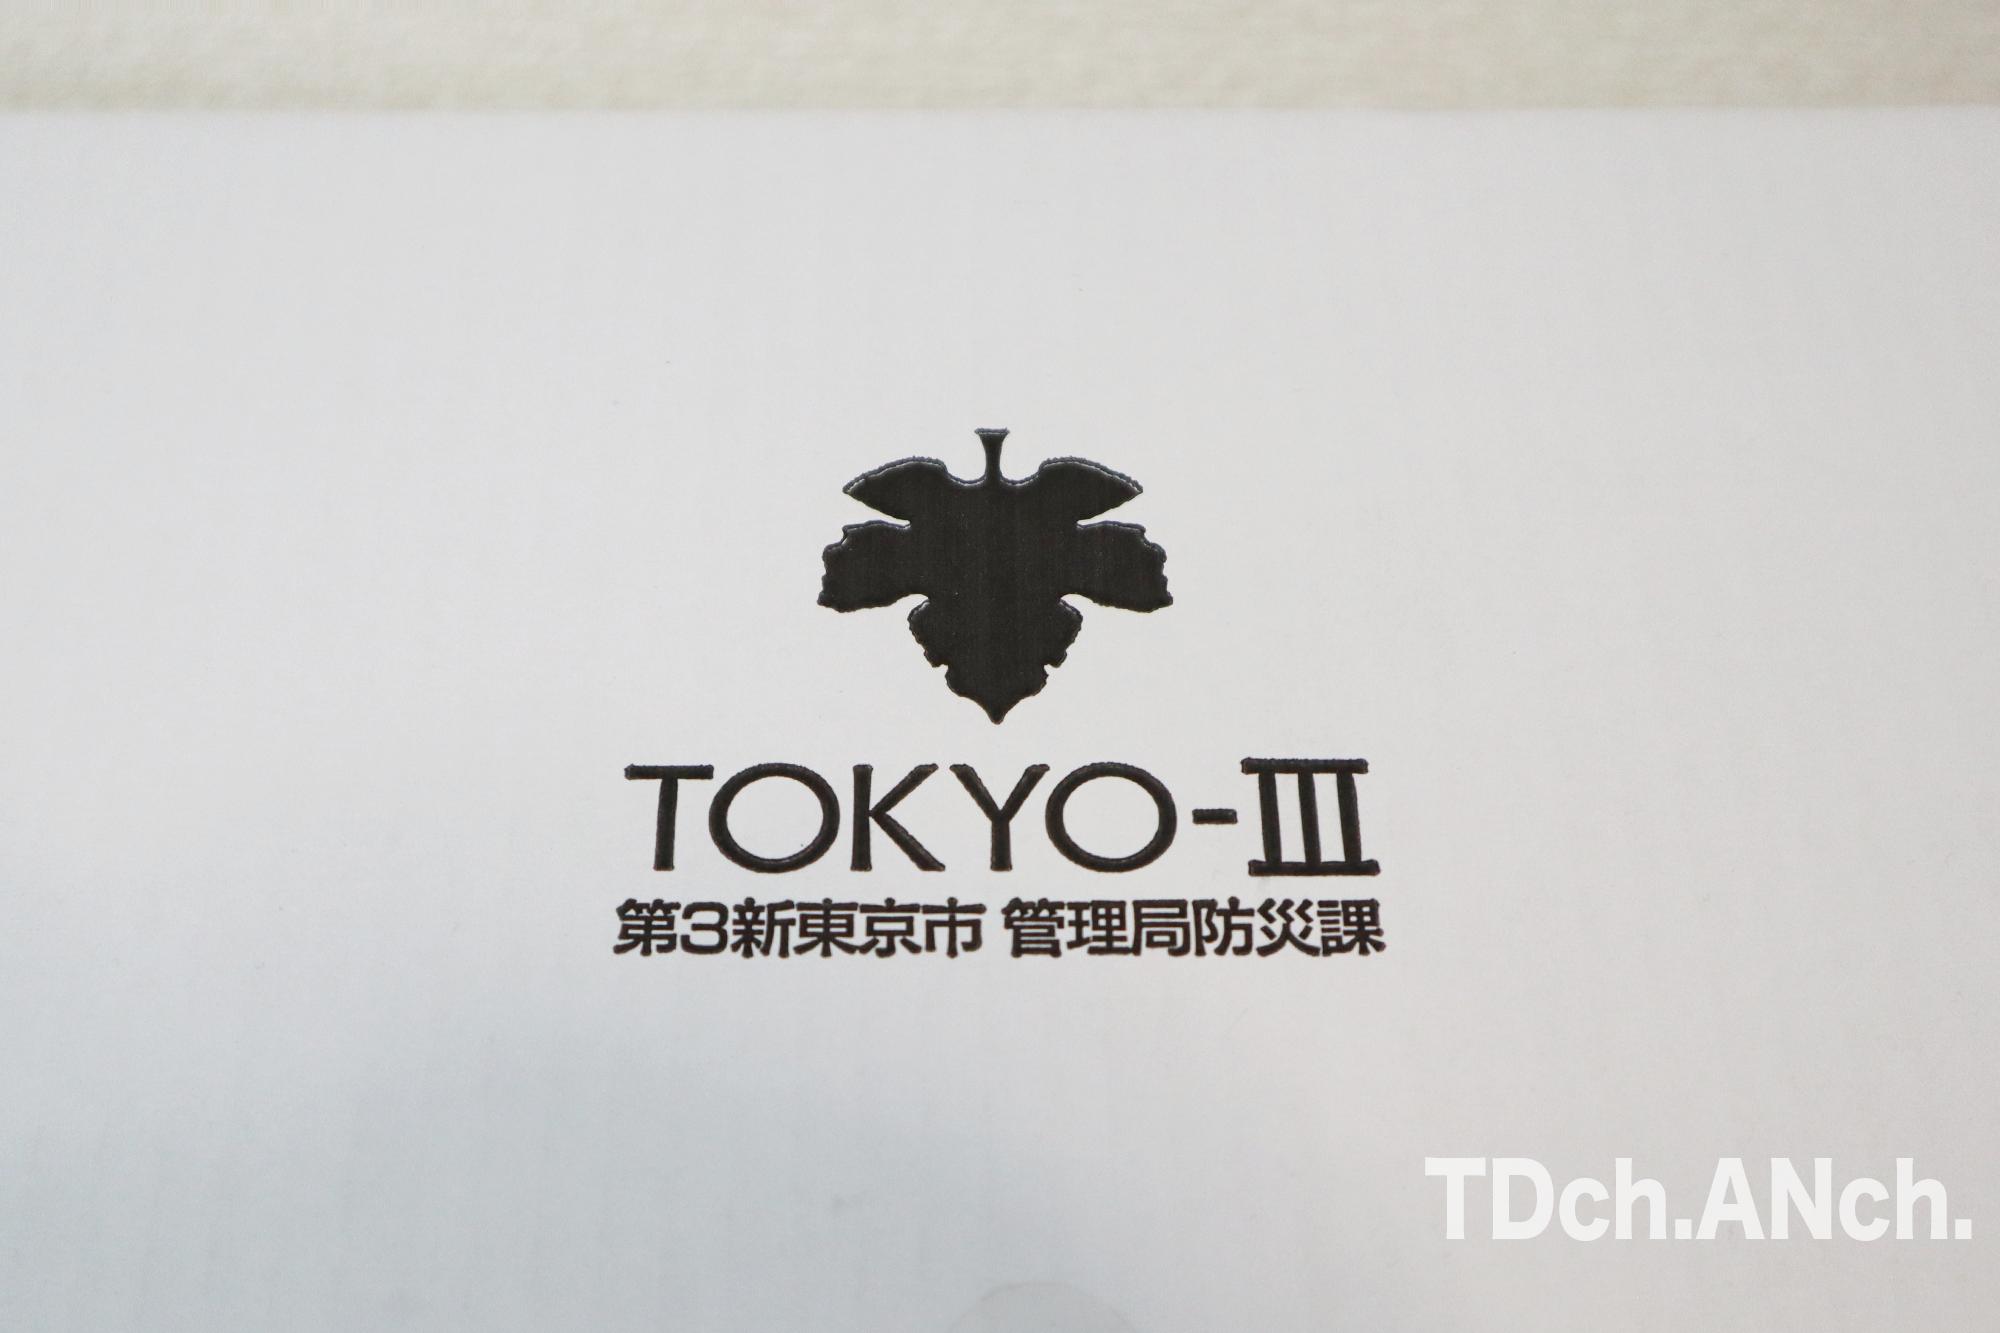 第3新東京市 管理局防災課の記載がリアルな感じがしますね!!